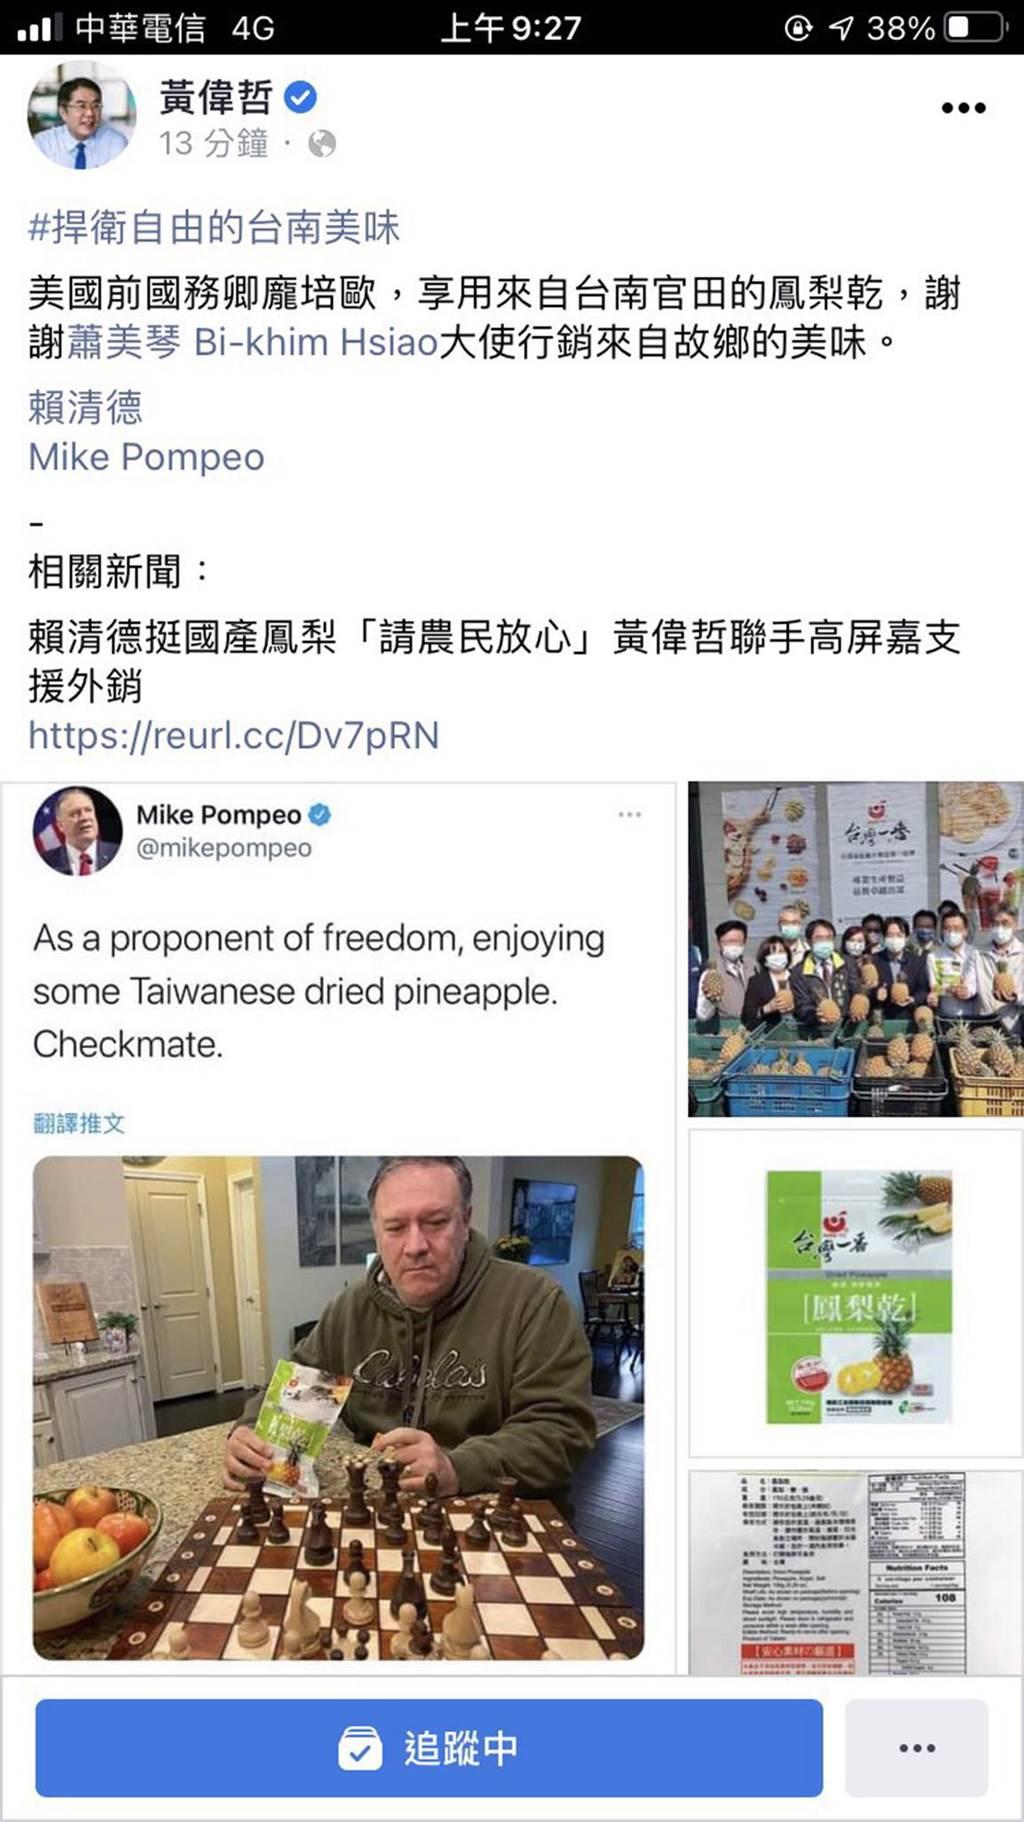 美國前國務卿蓬佩奧(Mike Pompeo)在社群媒體秀出品嘗來自台南的鳳梨乾照片後,台南市長黃偉哲留言力邀他前來台南參訪。。(市府提供/洪榮志台南傳真)